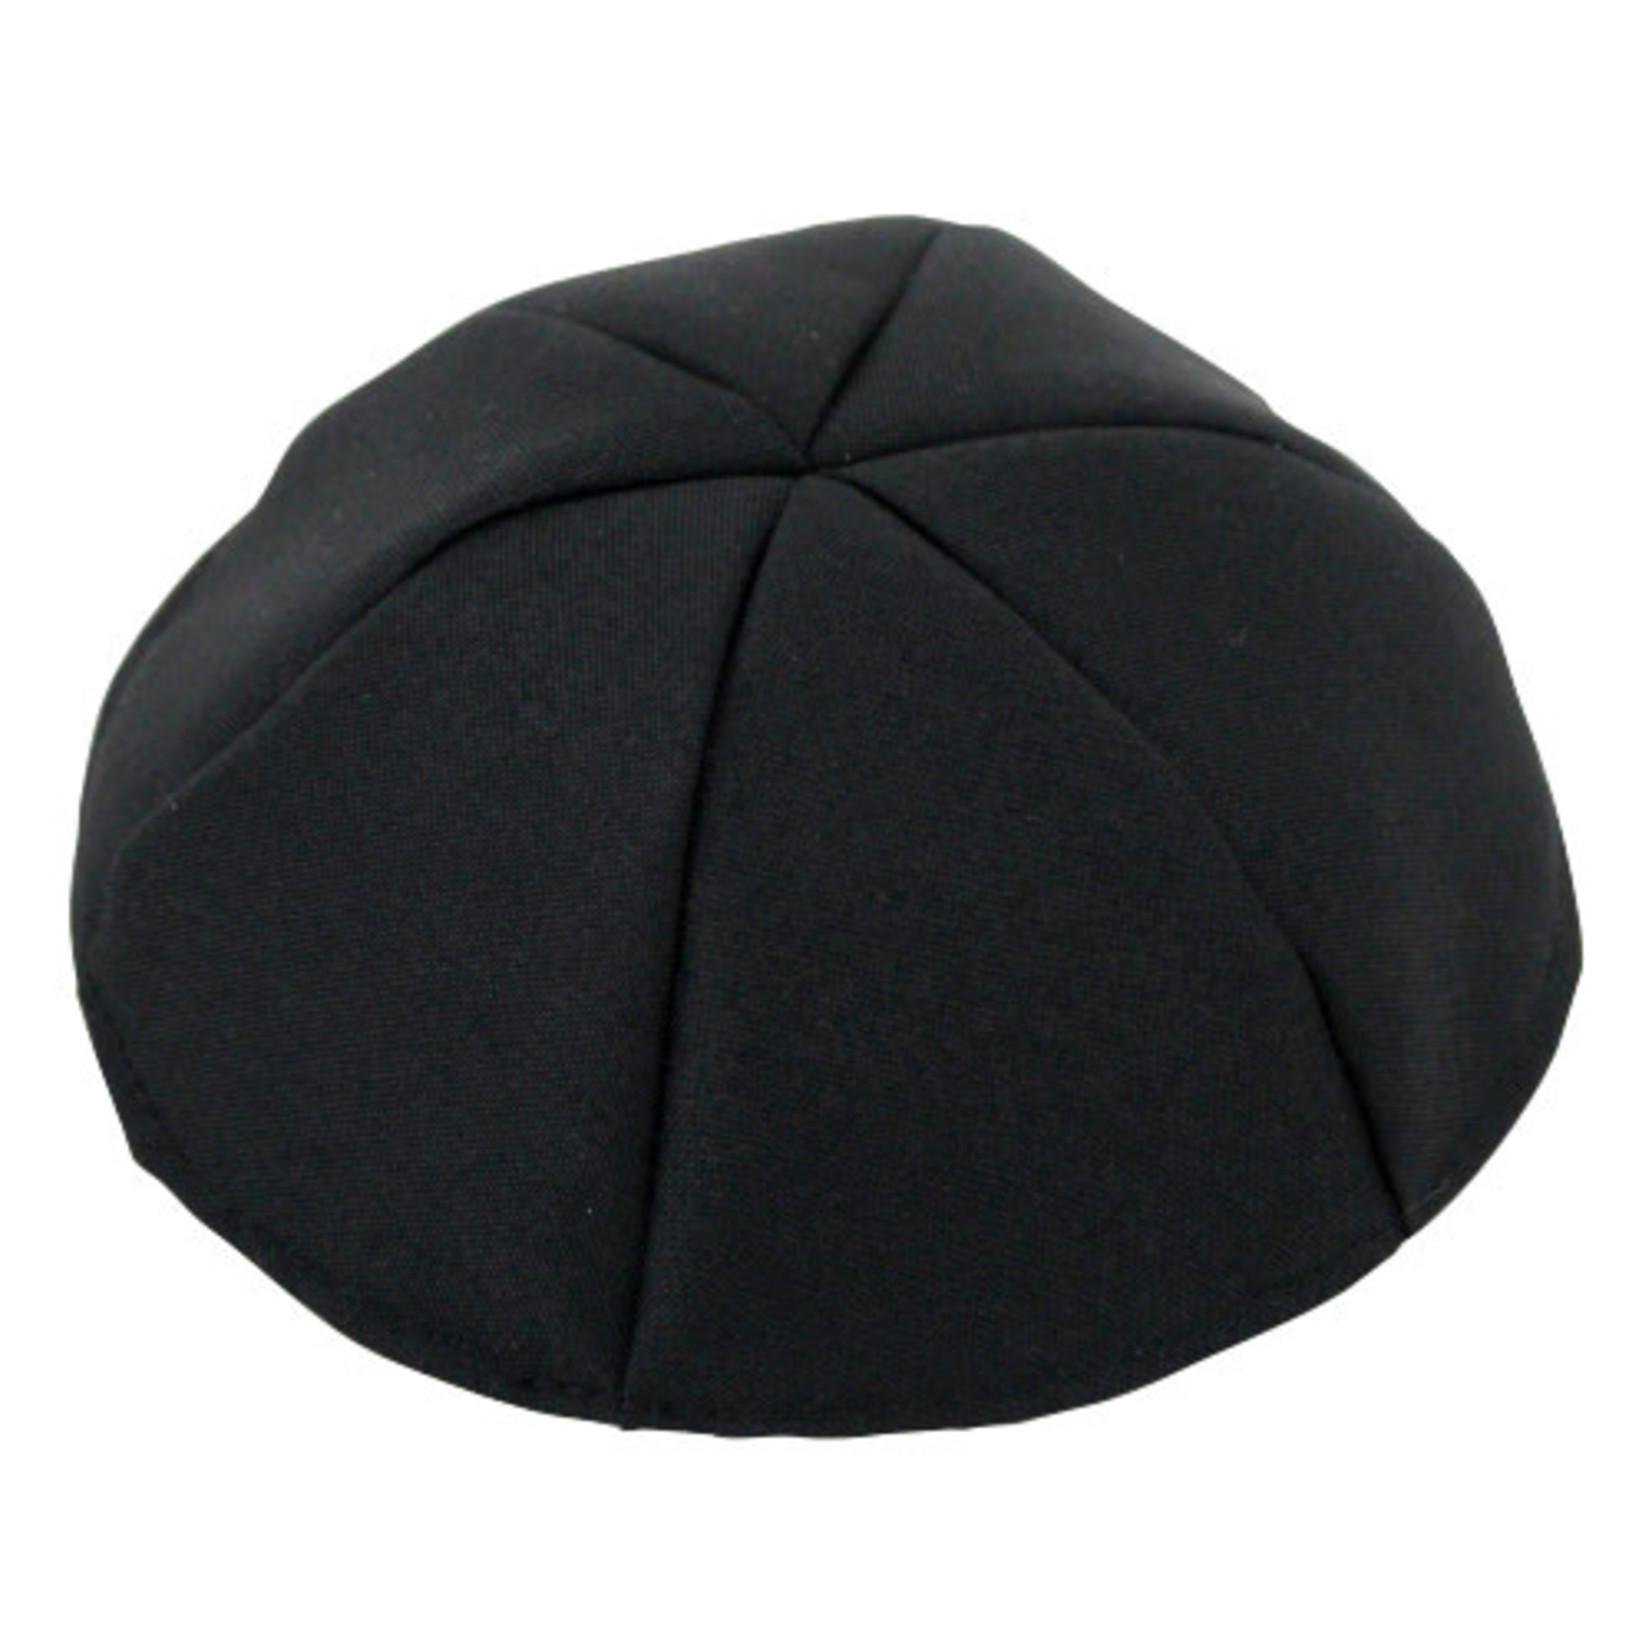 Terylene Kippah, Black, Size 8